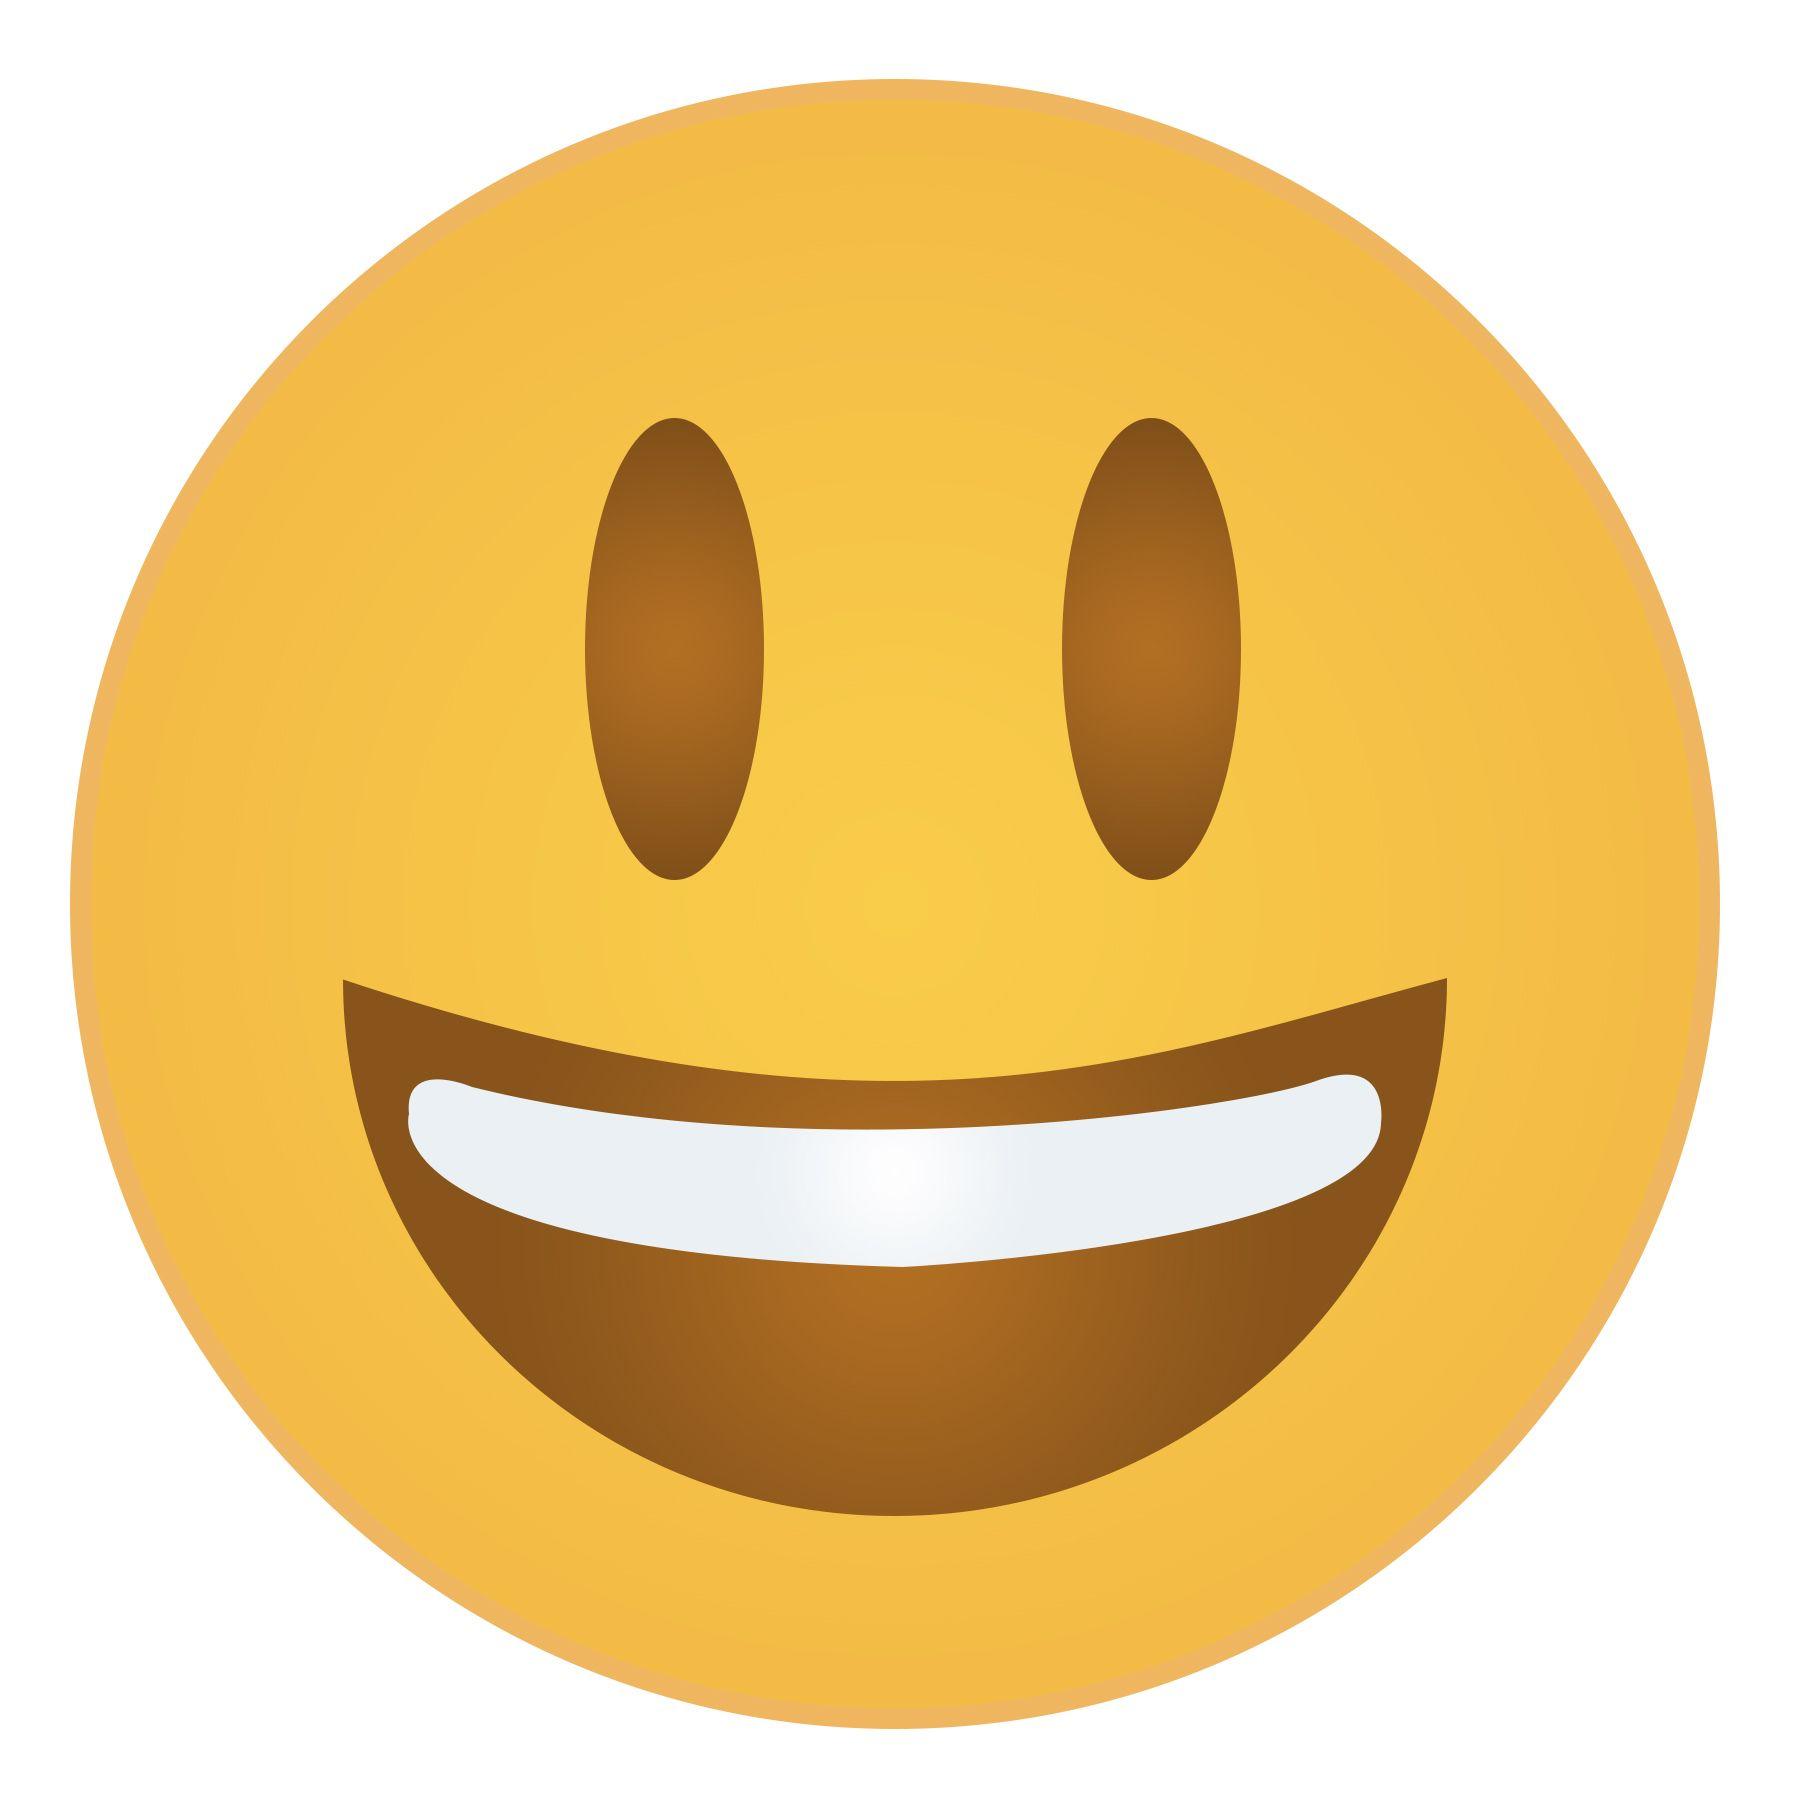 Free Printable Emoji Faces - Printable    Emoji In 2019 - Free Printable Emoji Faces